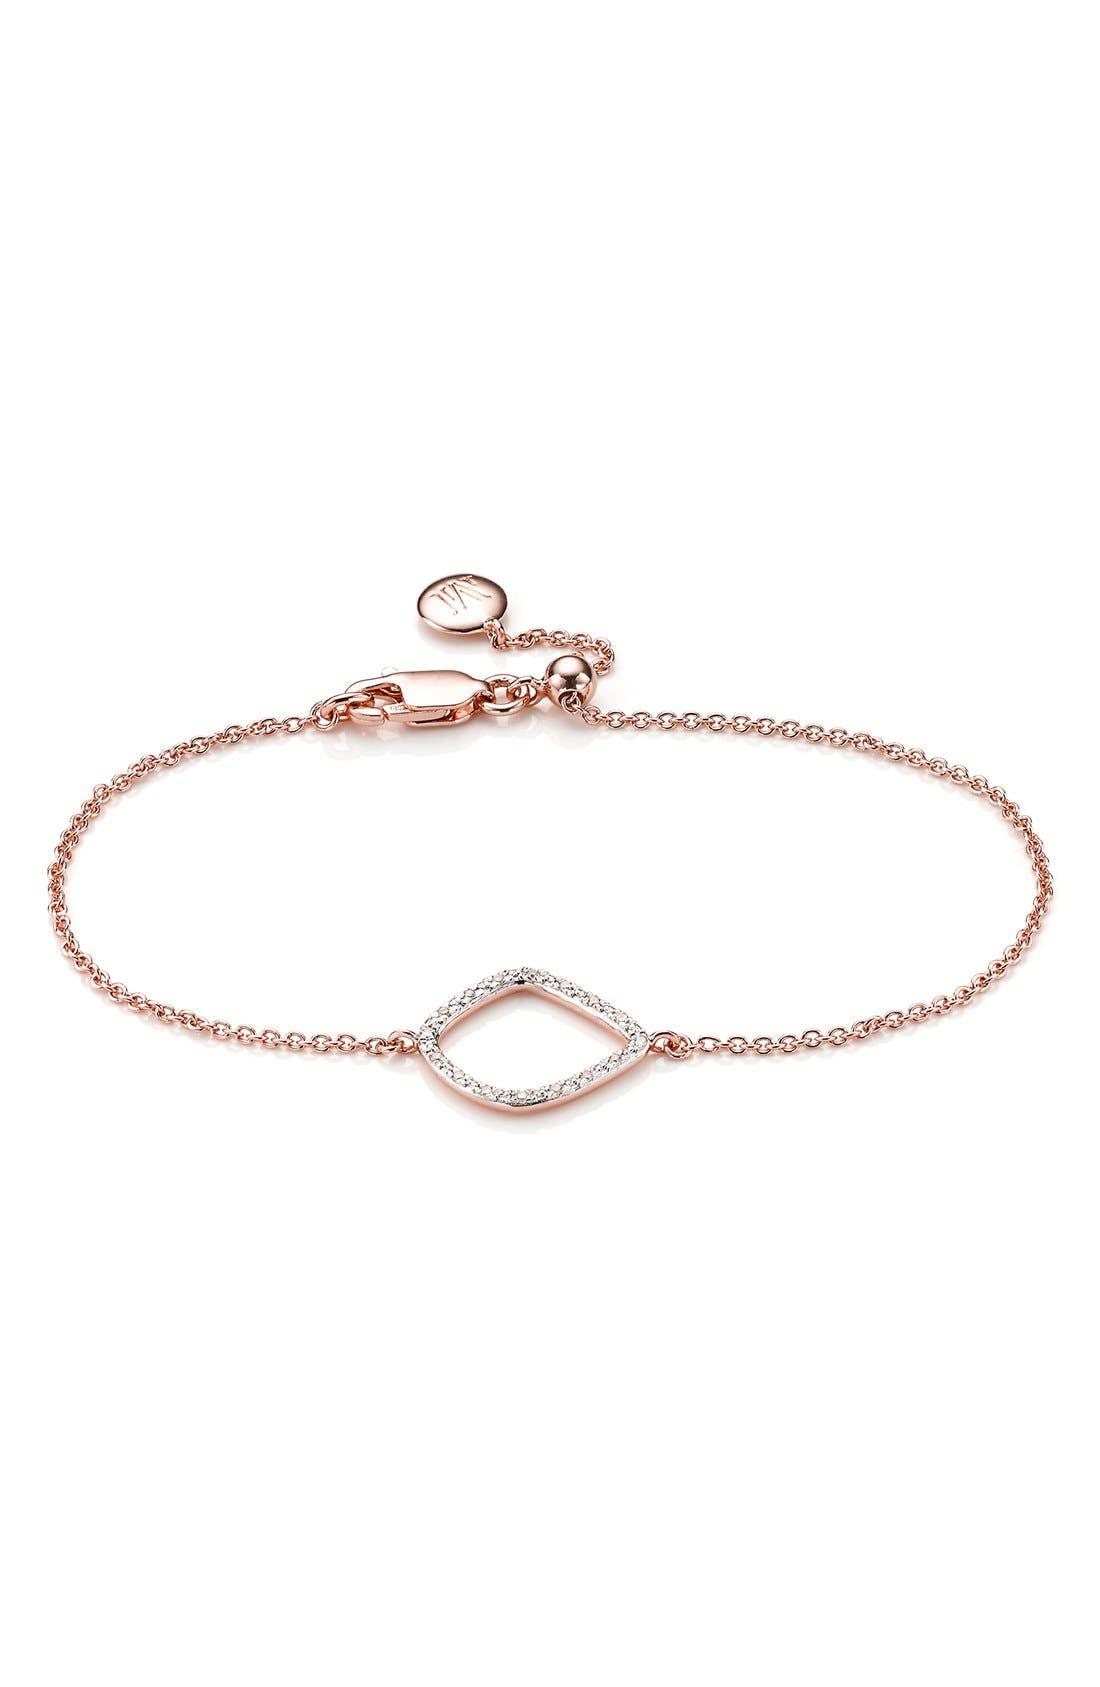 Alternate Image 1 Selected - Monica Vinader 'Riva' Diamond Charm Bracelet